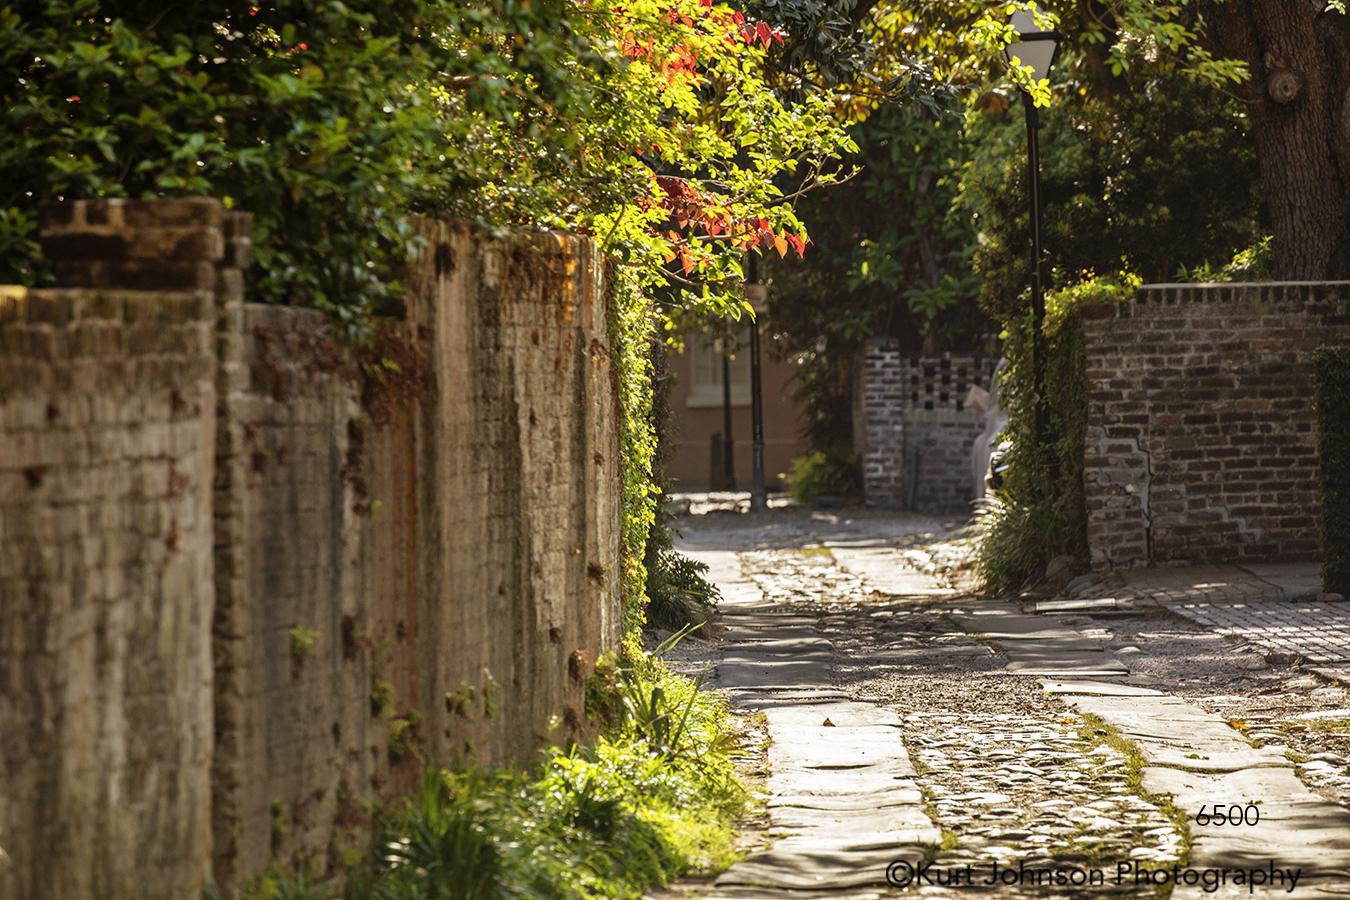 southeast Charleston South Carolina green trees brick path shadows road